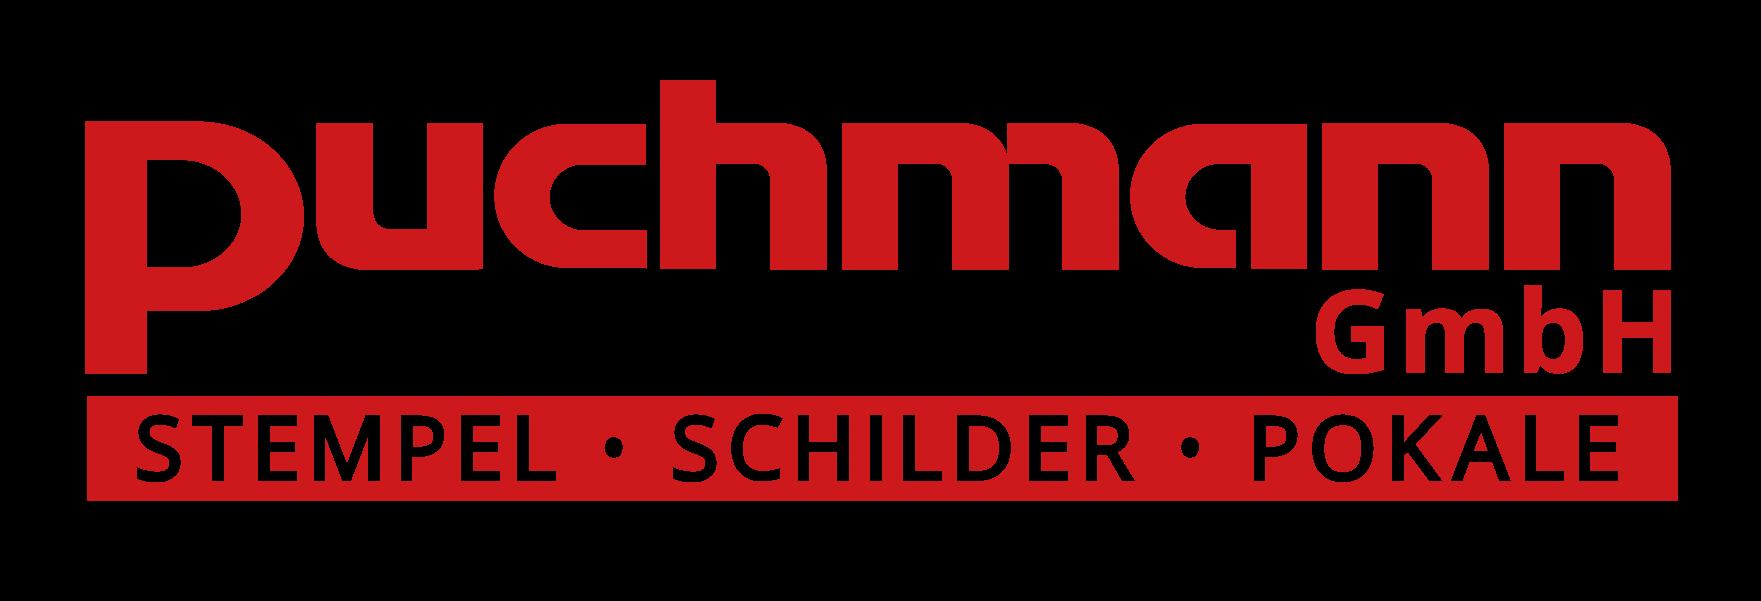 Puchmann GmbH